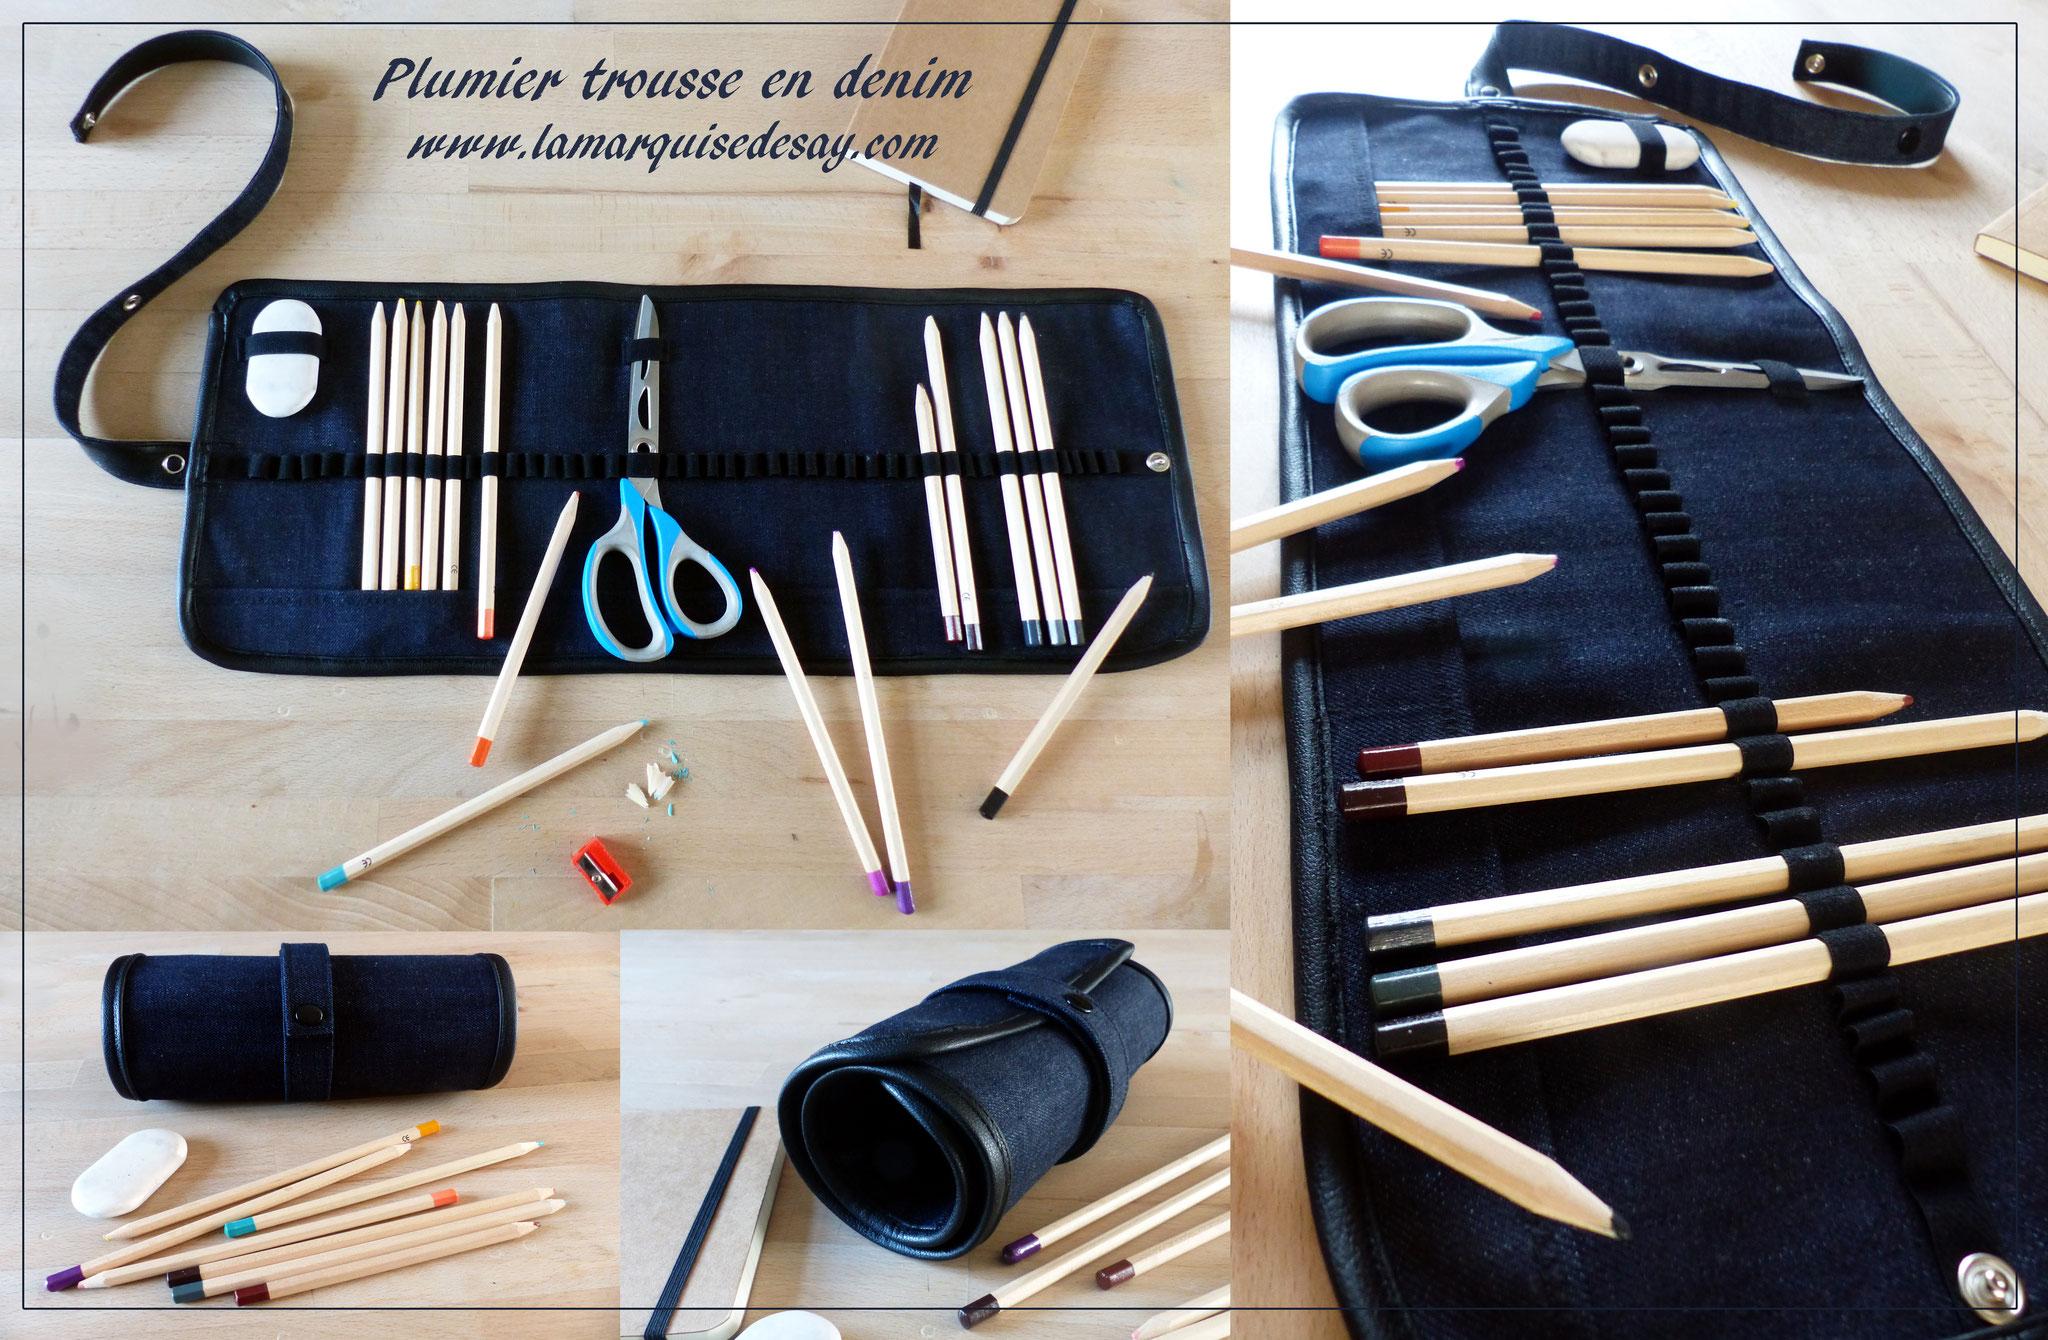 Plumier trousse pour les crayons